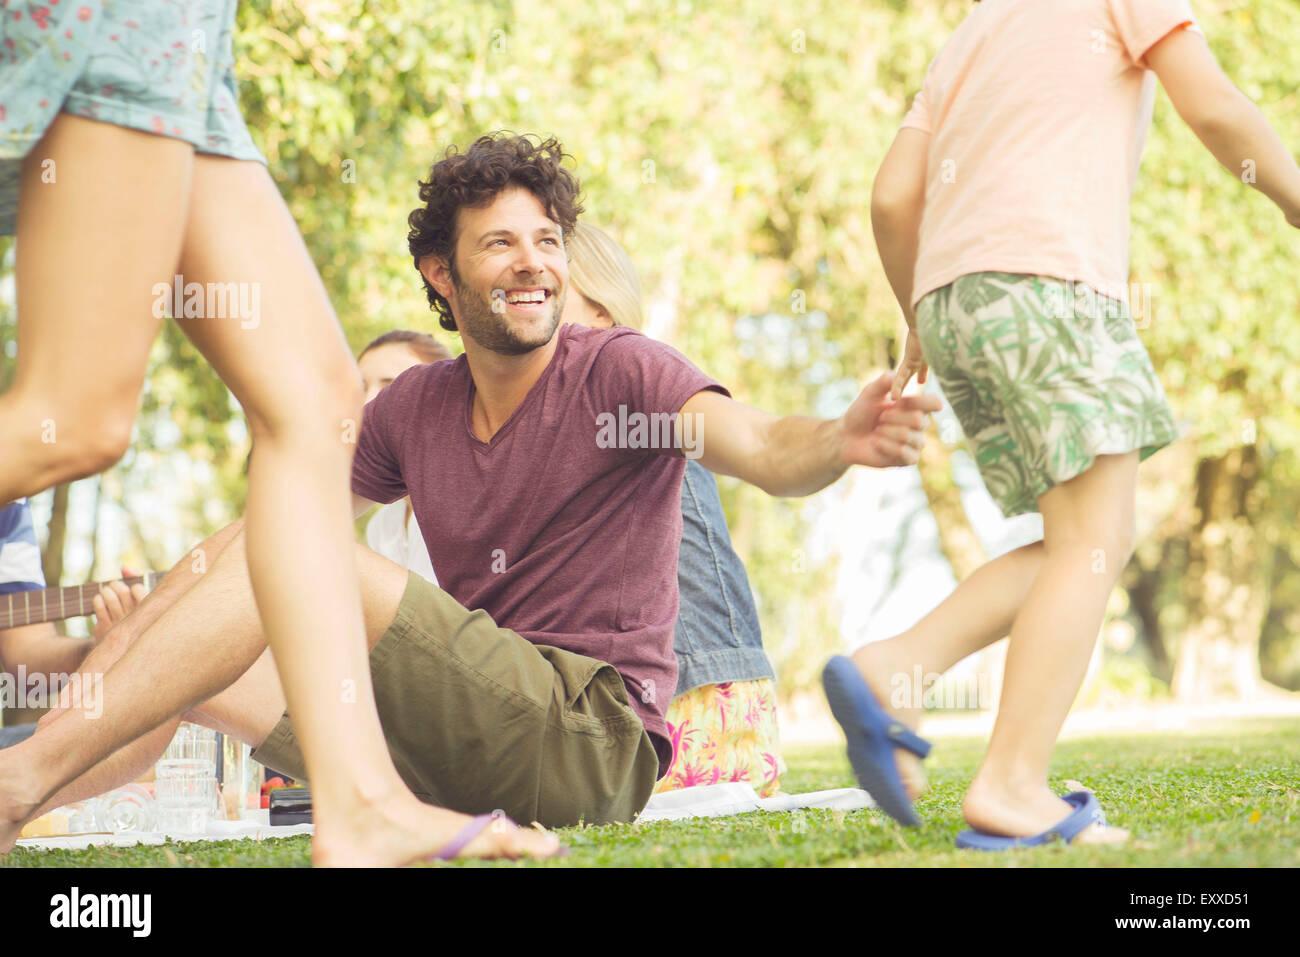 Hombre en picnic viendo los niños juegan Imagen De Stock